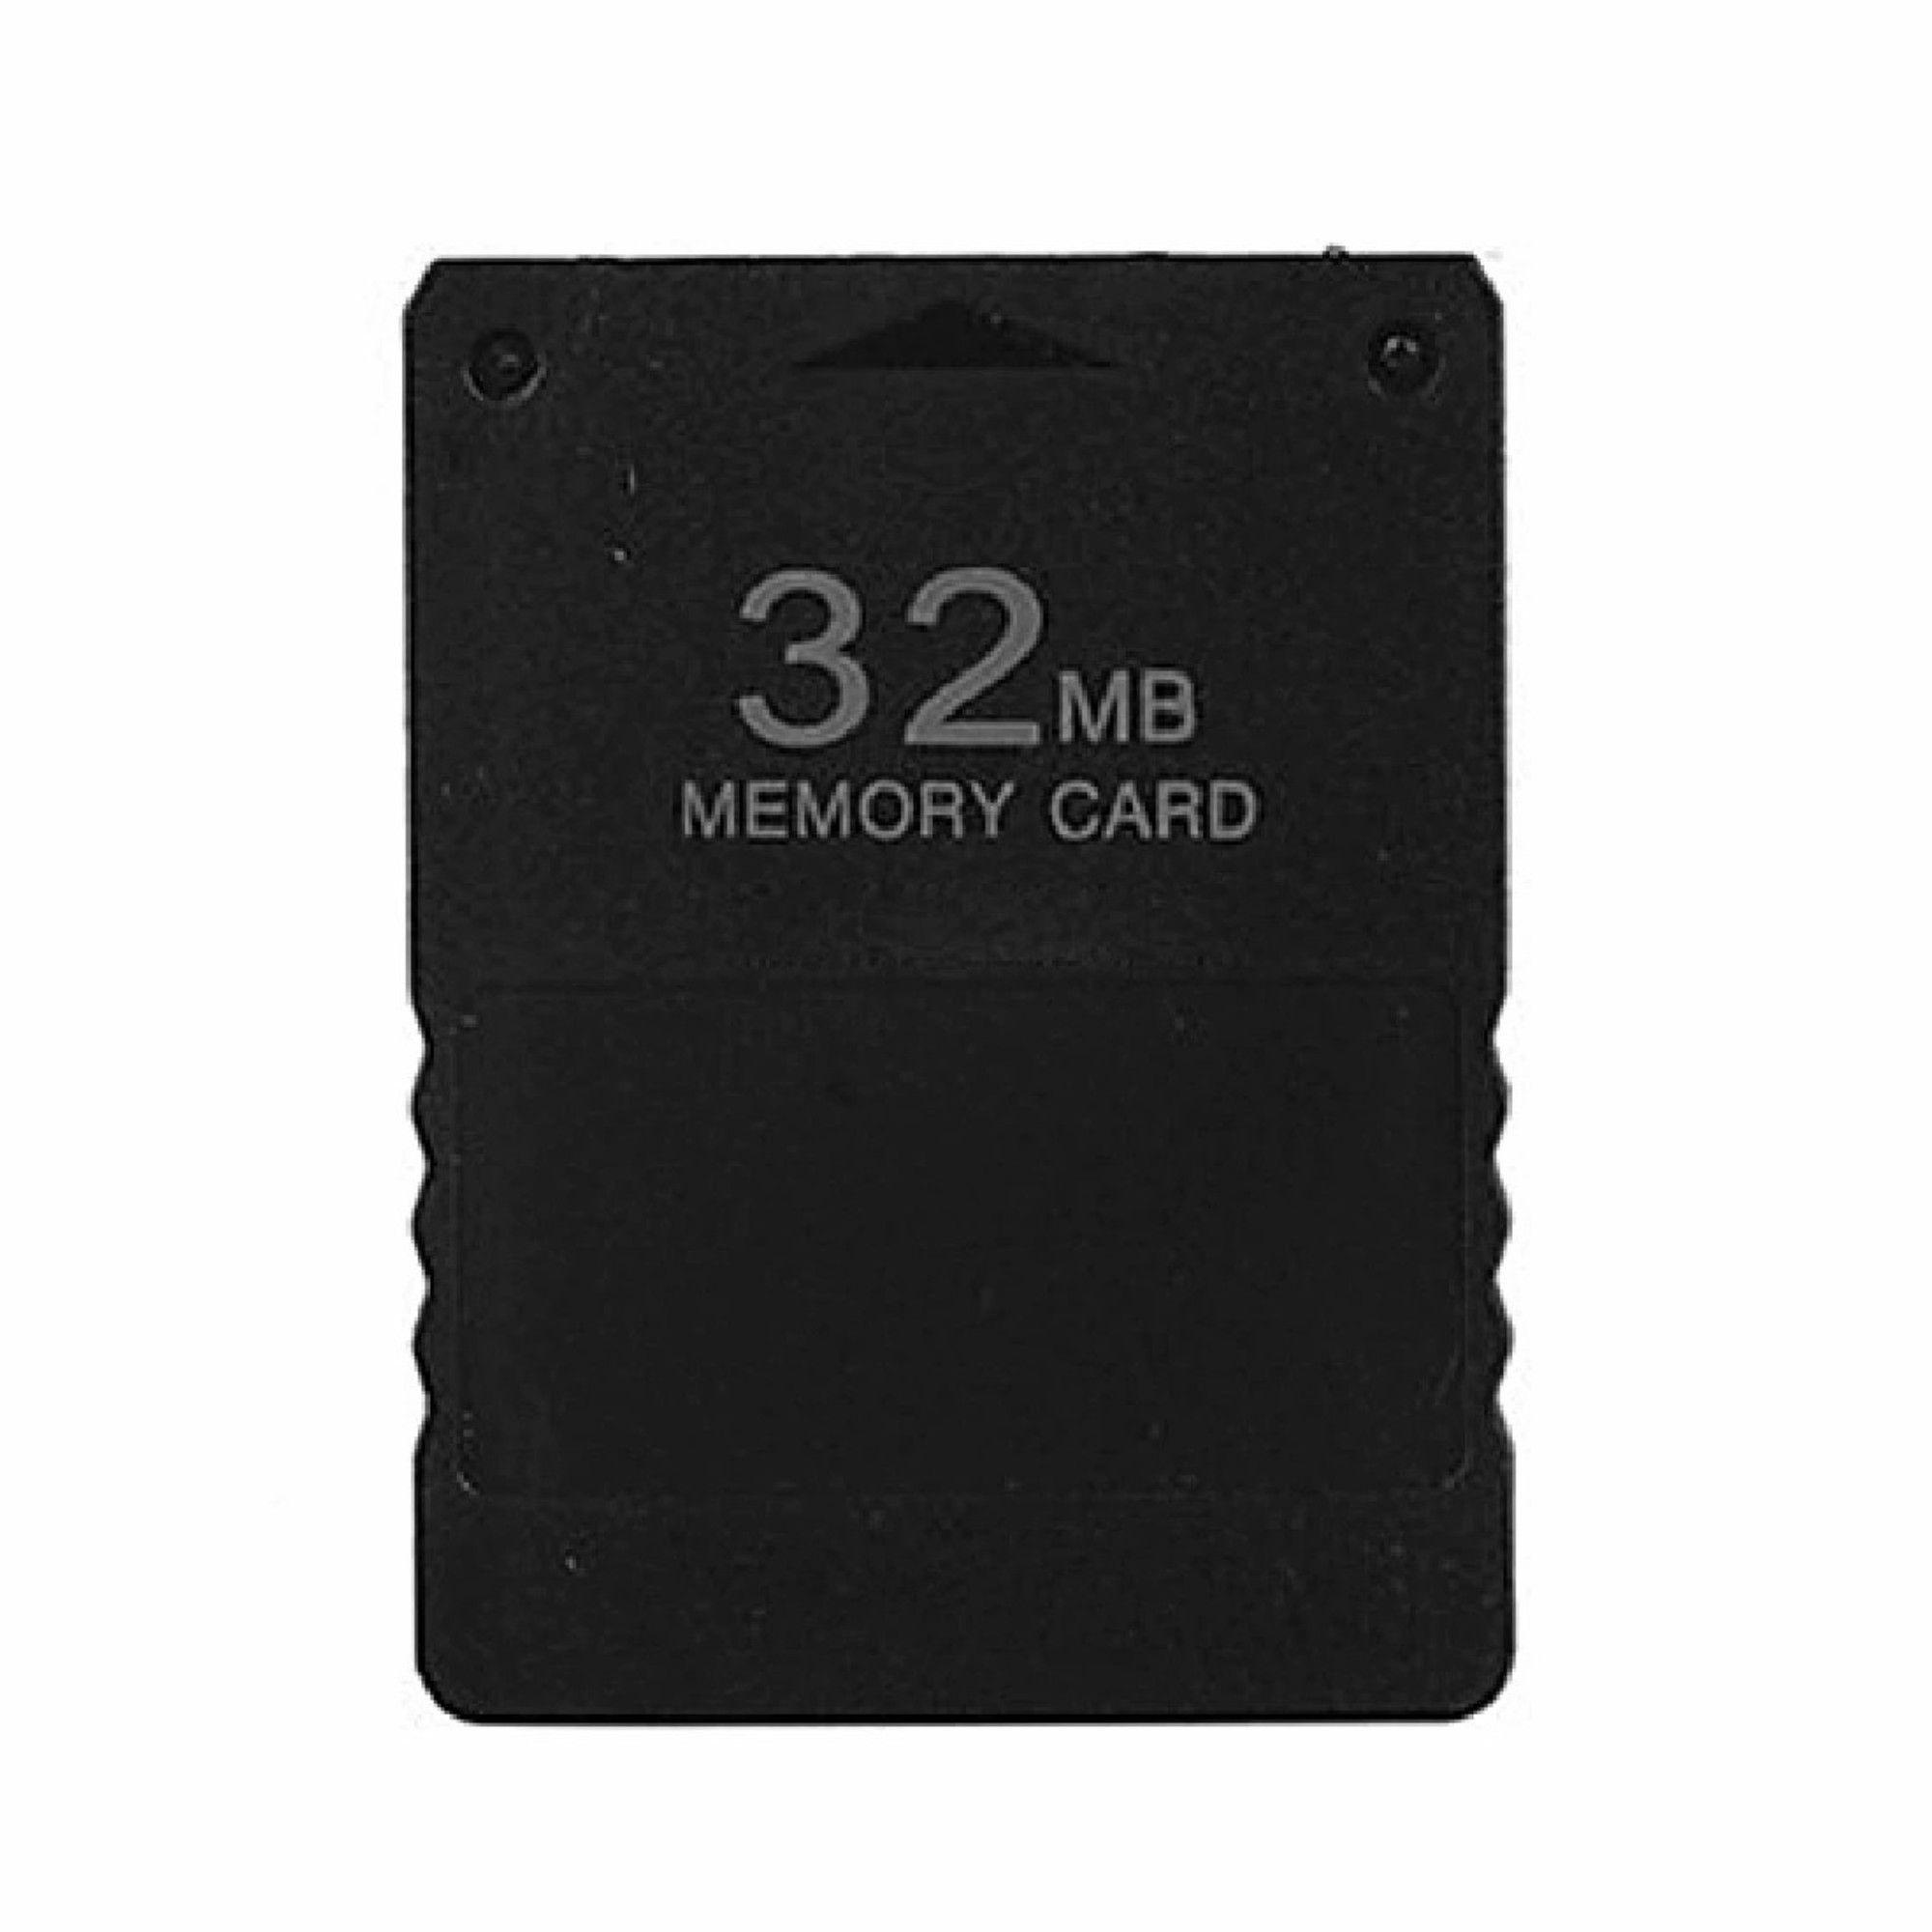 Memory Card 32mb Ps2 Playstation 2